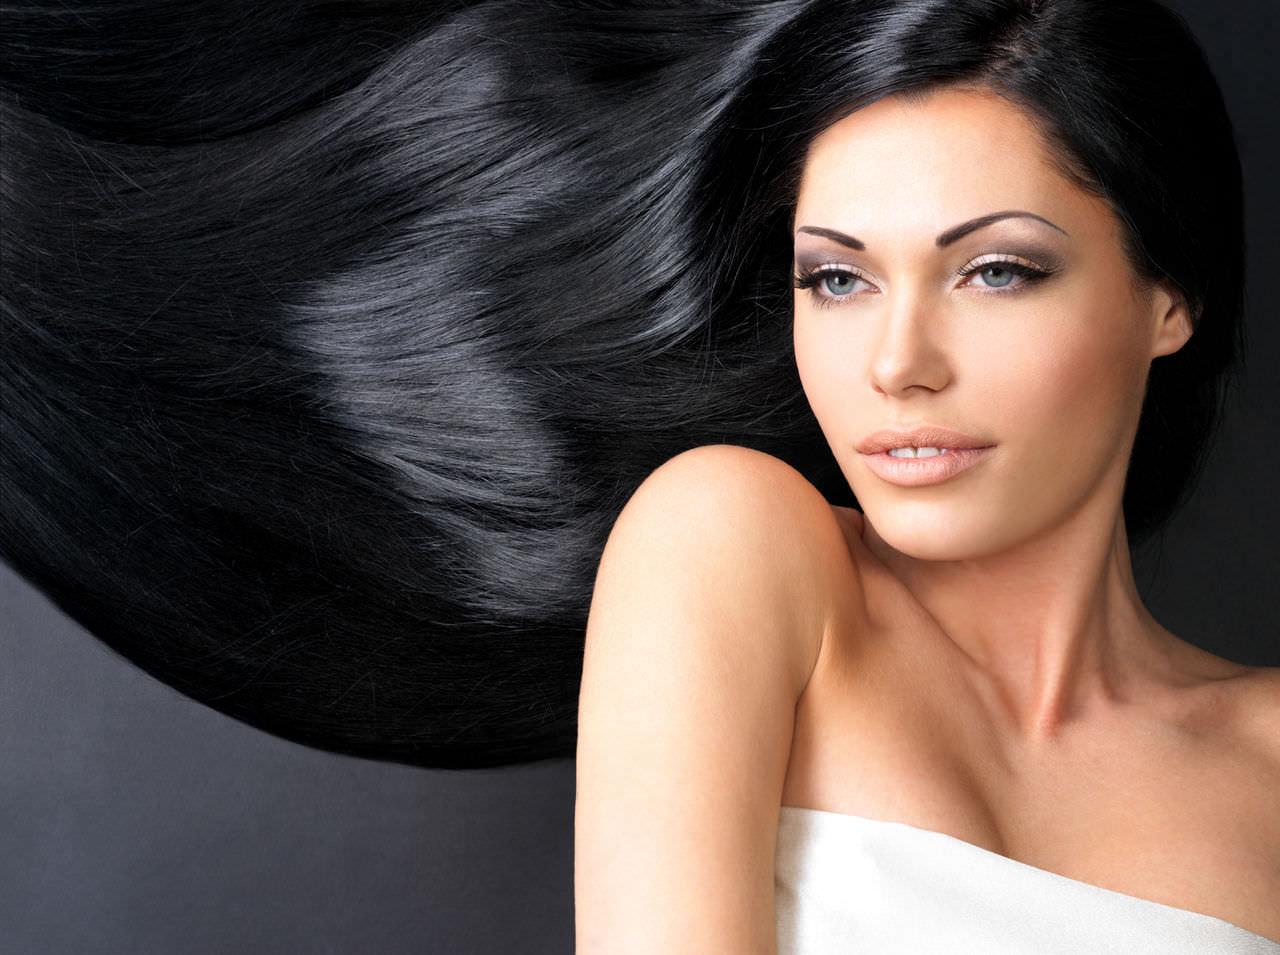 Зеркальный блеск волос – вот главное достоинство маски «Kapous» с экстрактом пшеницы и бамбука